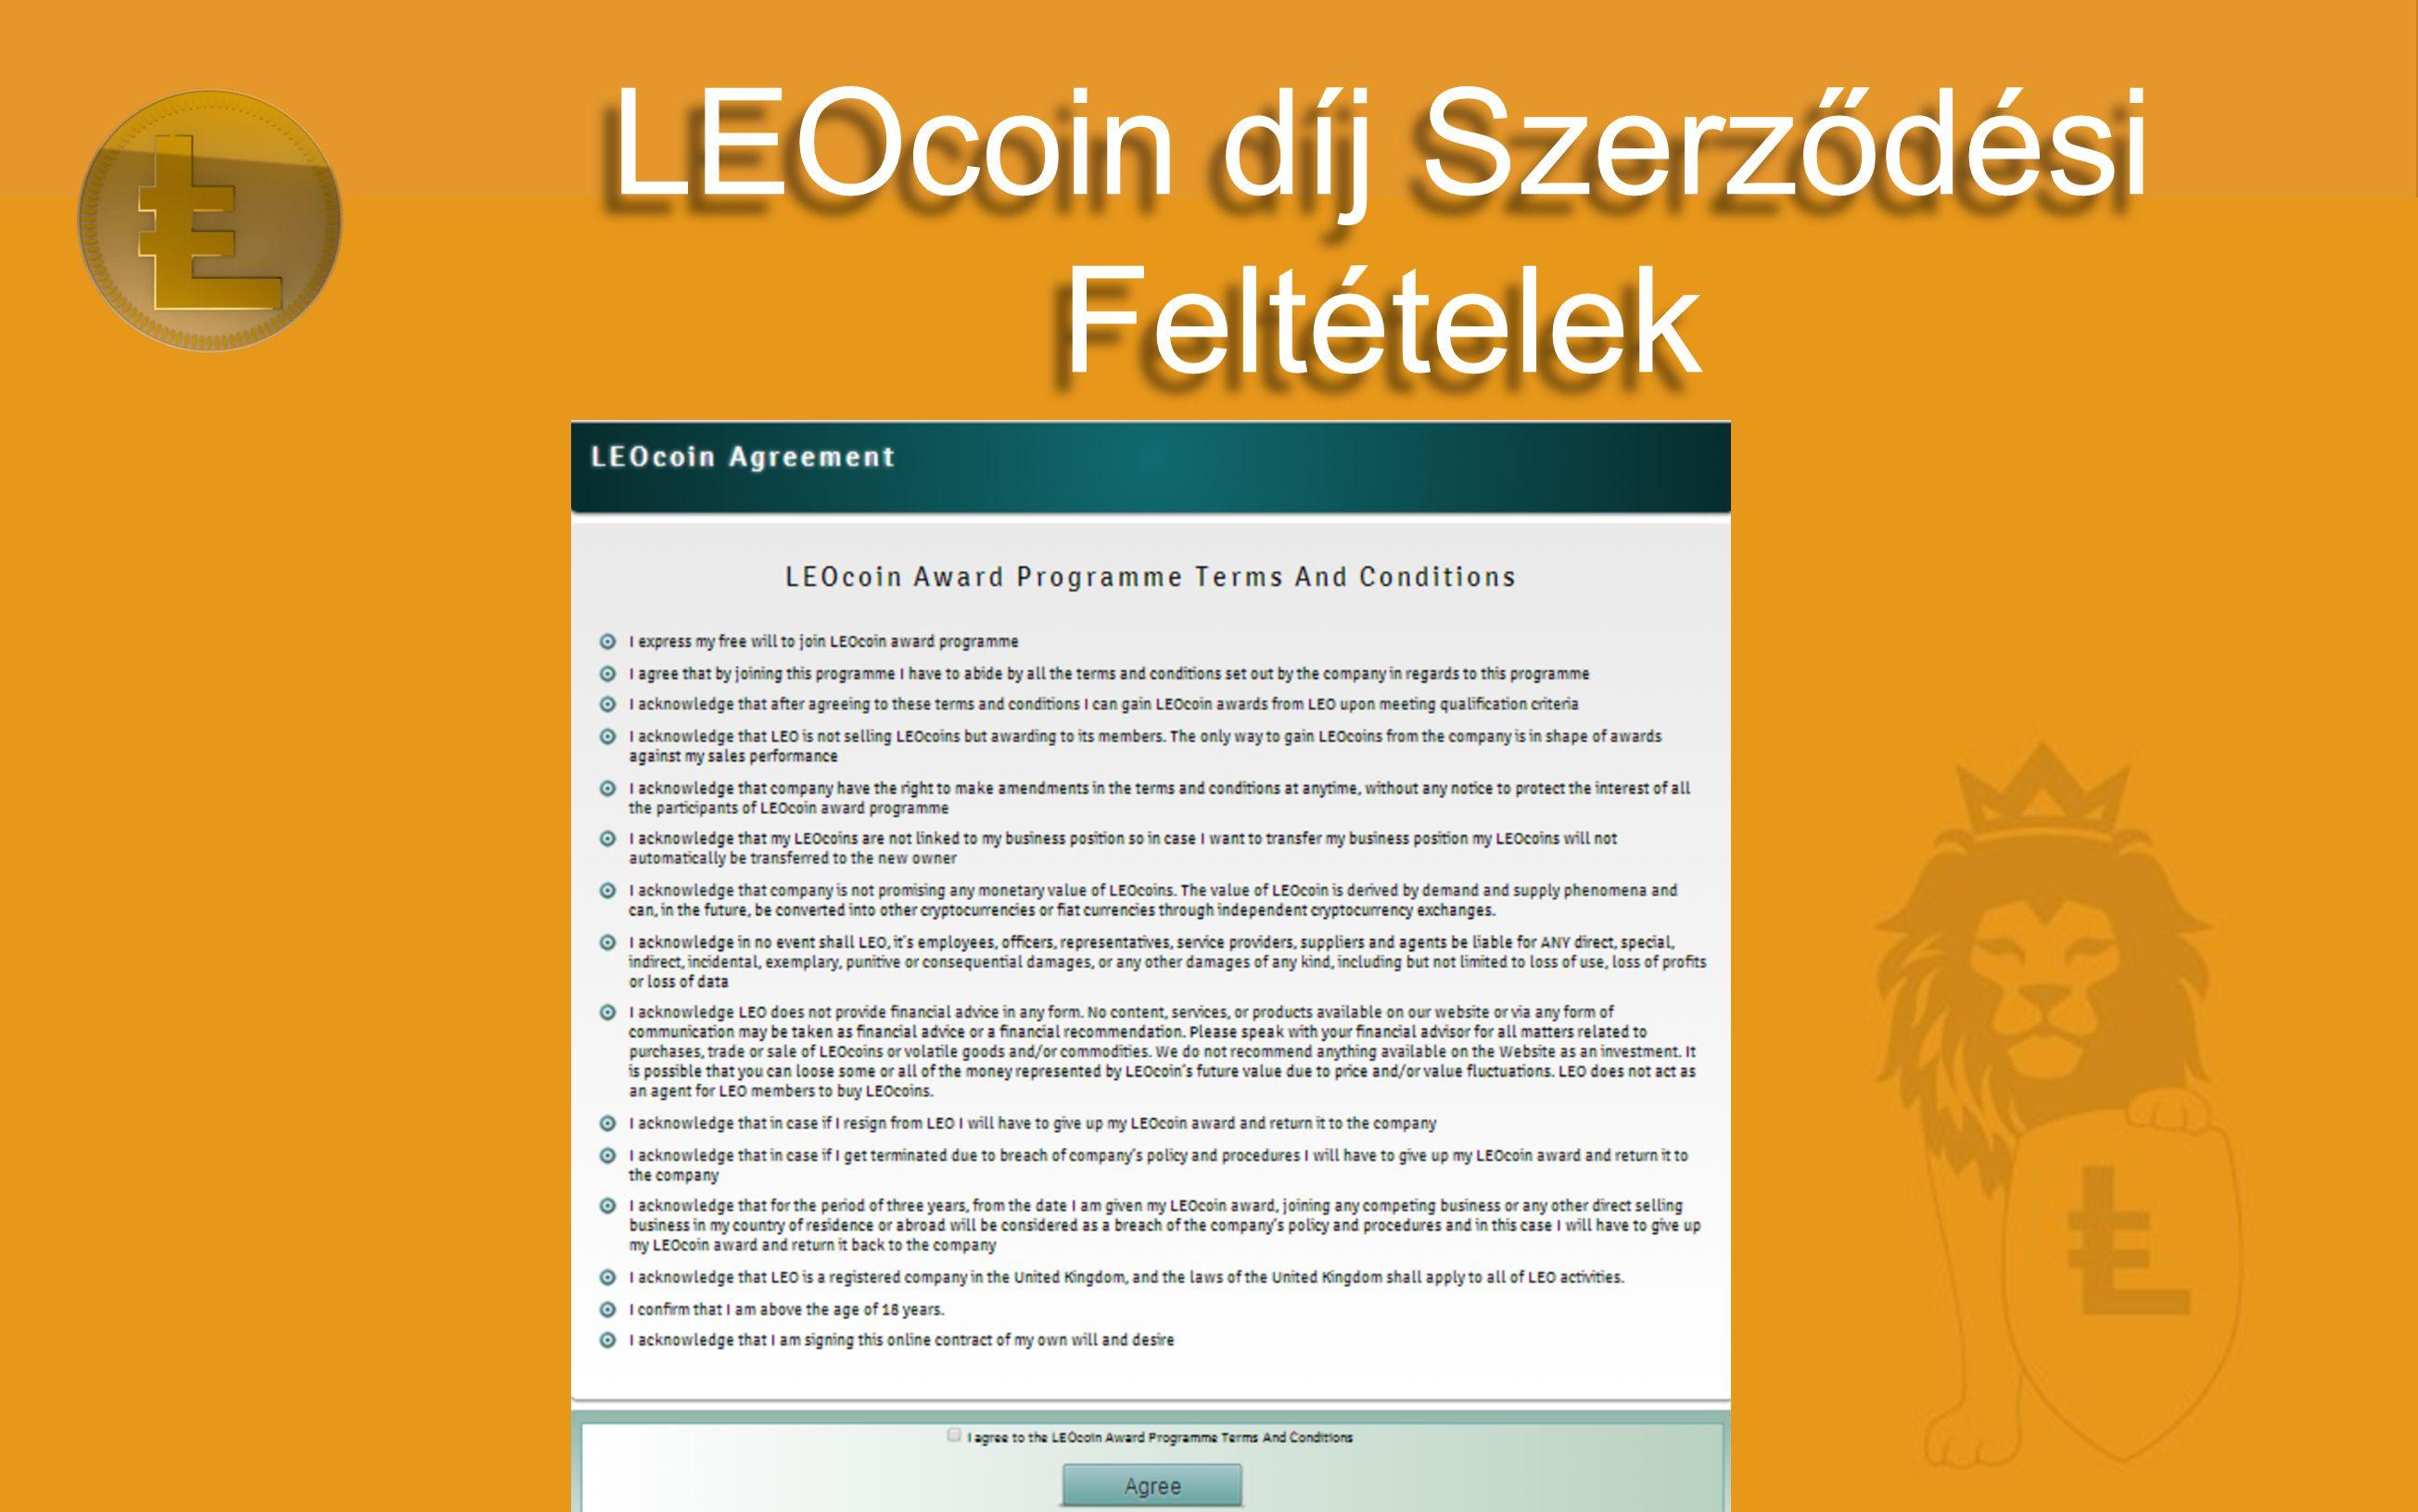 LEOcoin díj Szerződési Feltételek